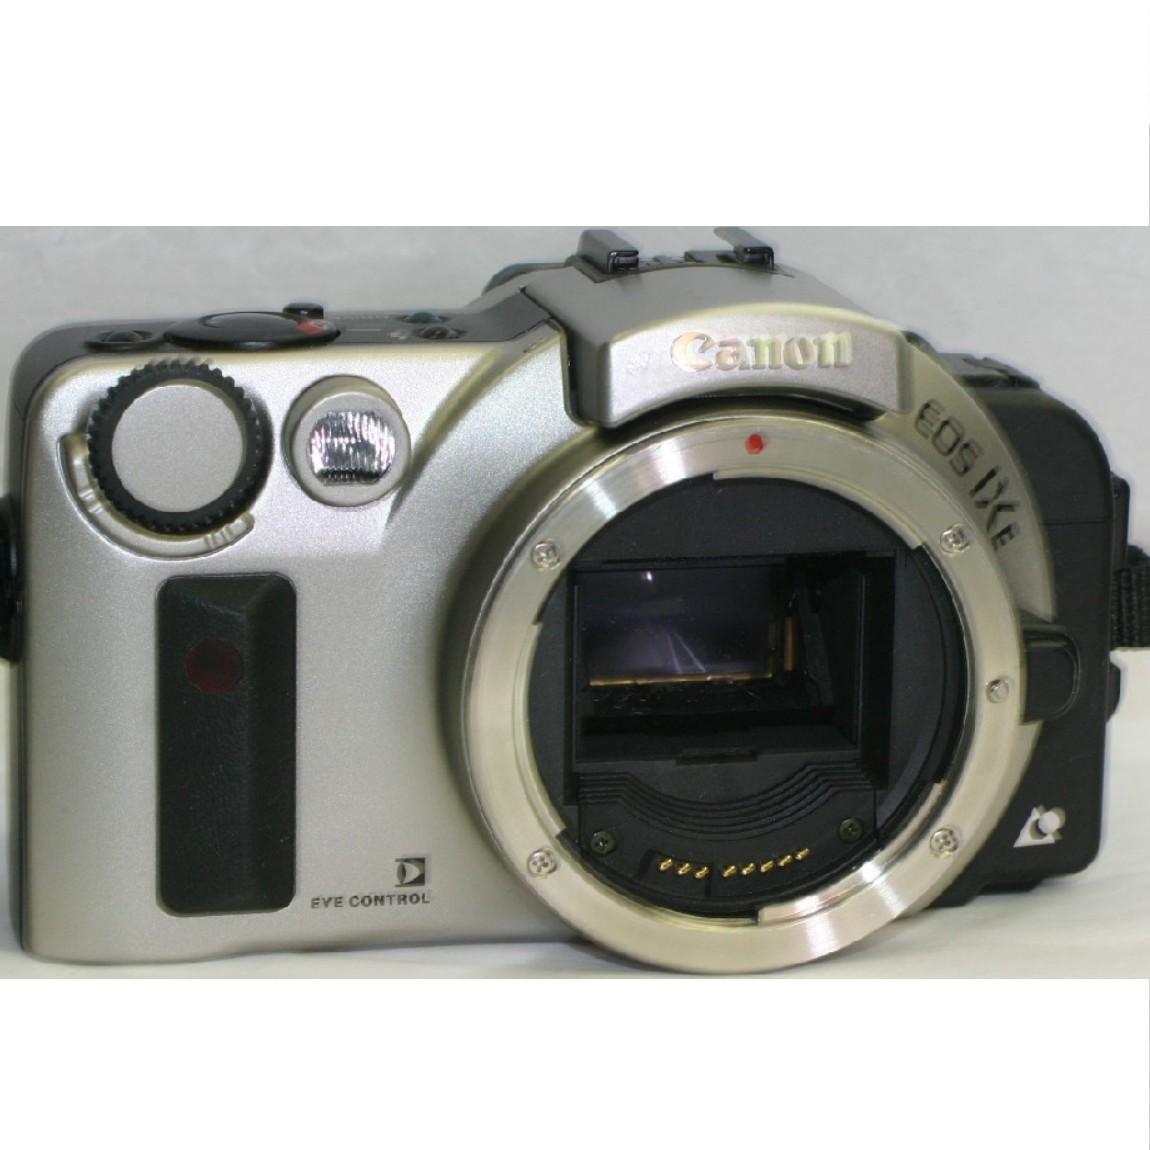 【中古】ほぼ新品キャノンAPSフィルム使用お洒落なフォルムの1眼レフカメラEOS IXEシルバーボディ動作確認済み1ヶ月保証付き 〇FF-38